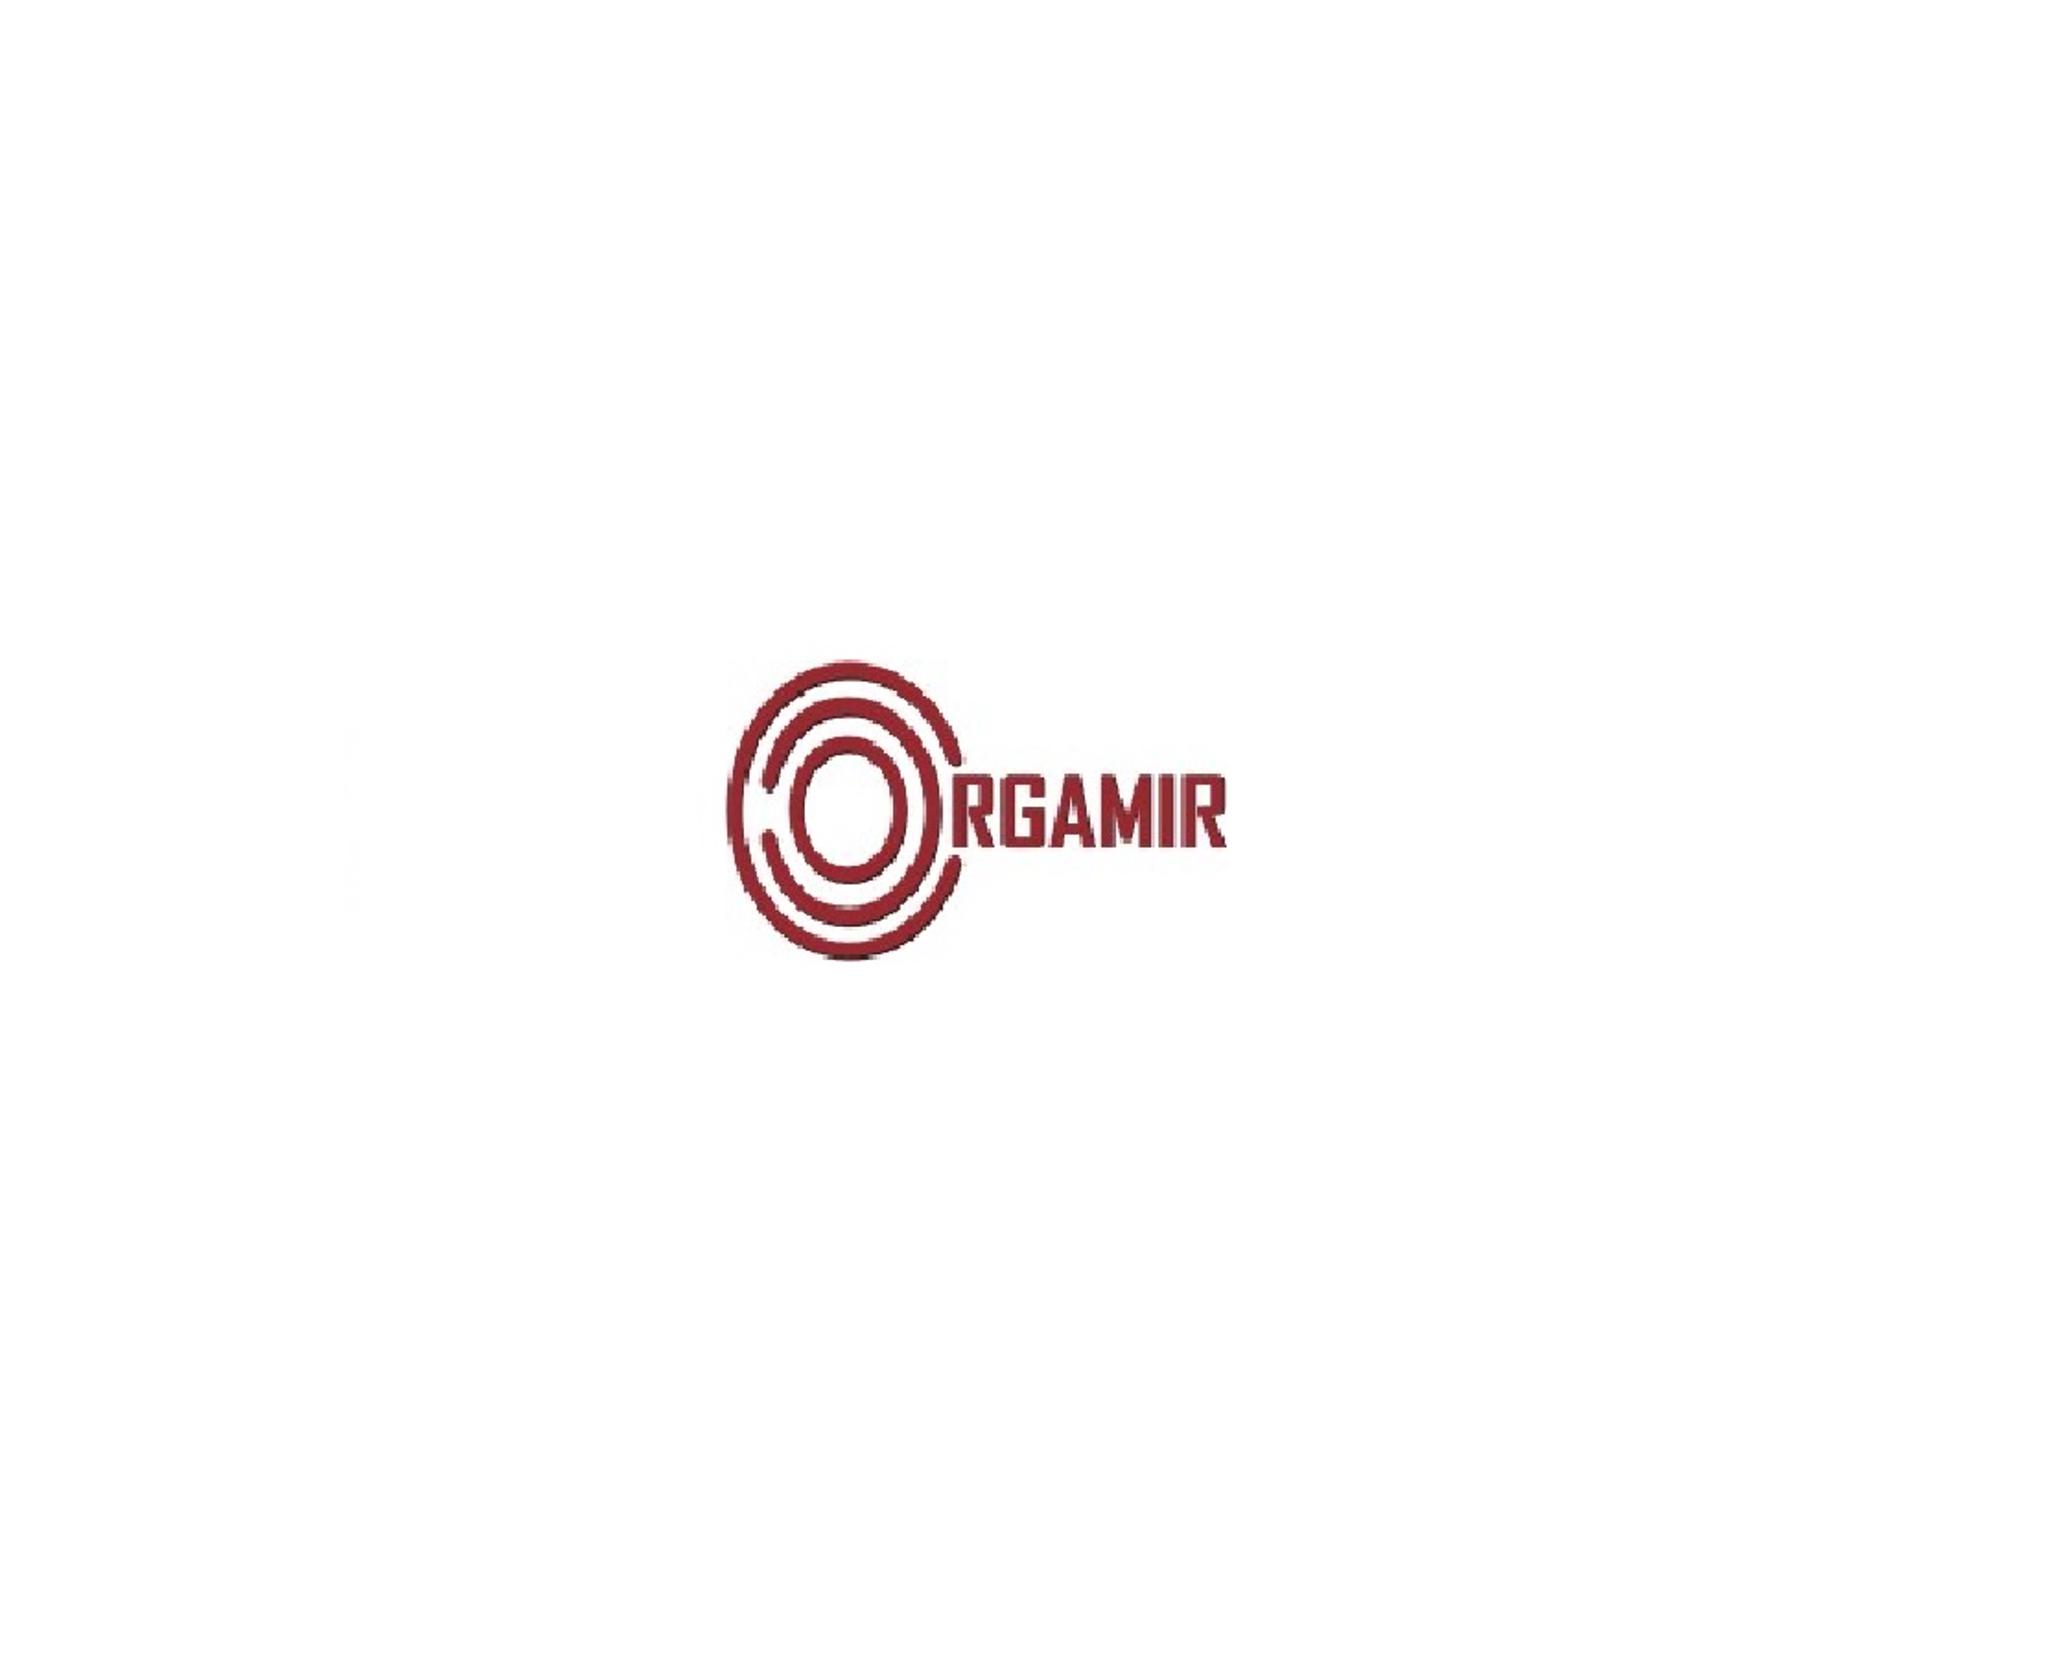 ORGAMIR